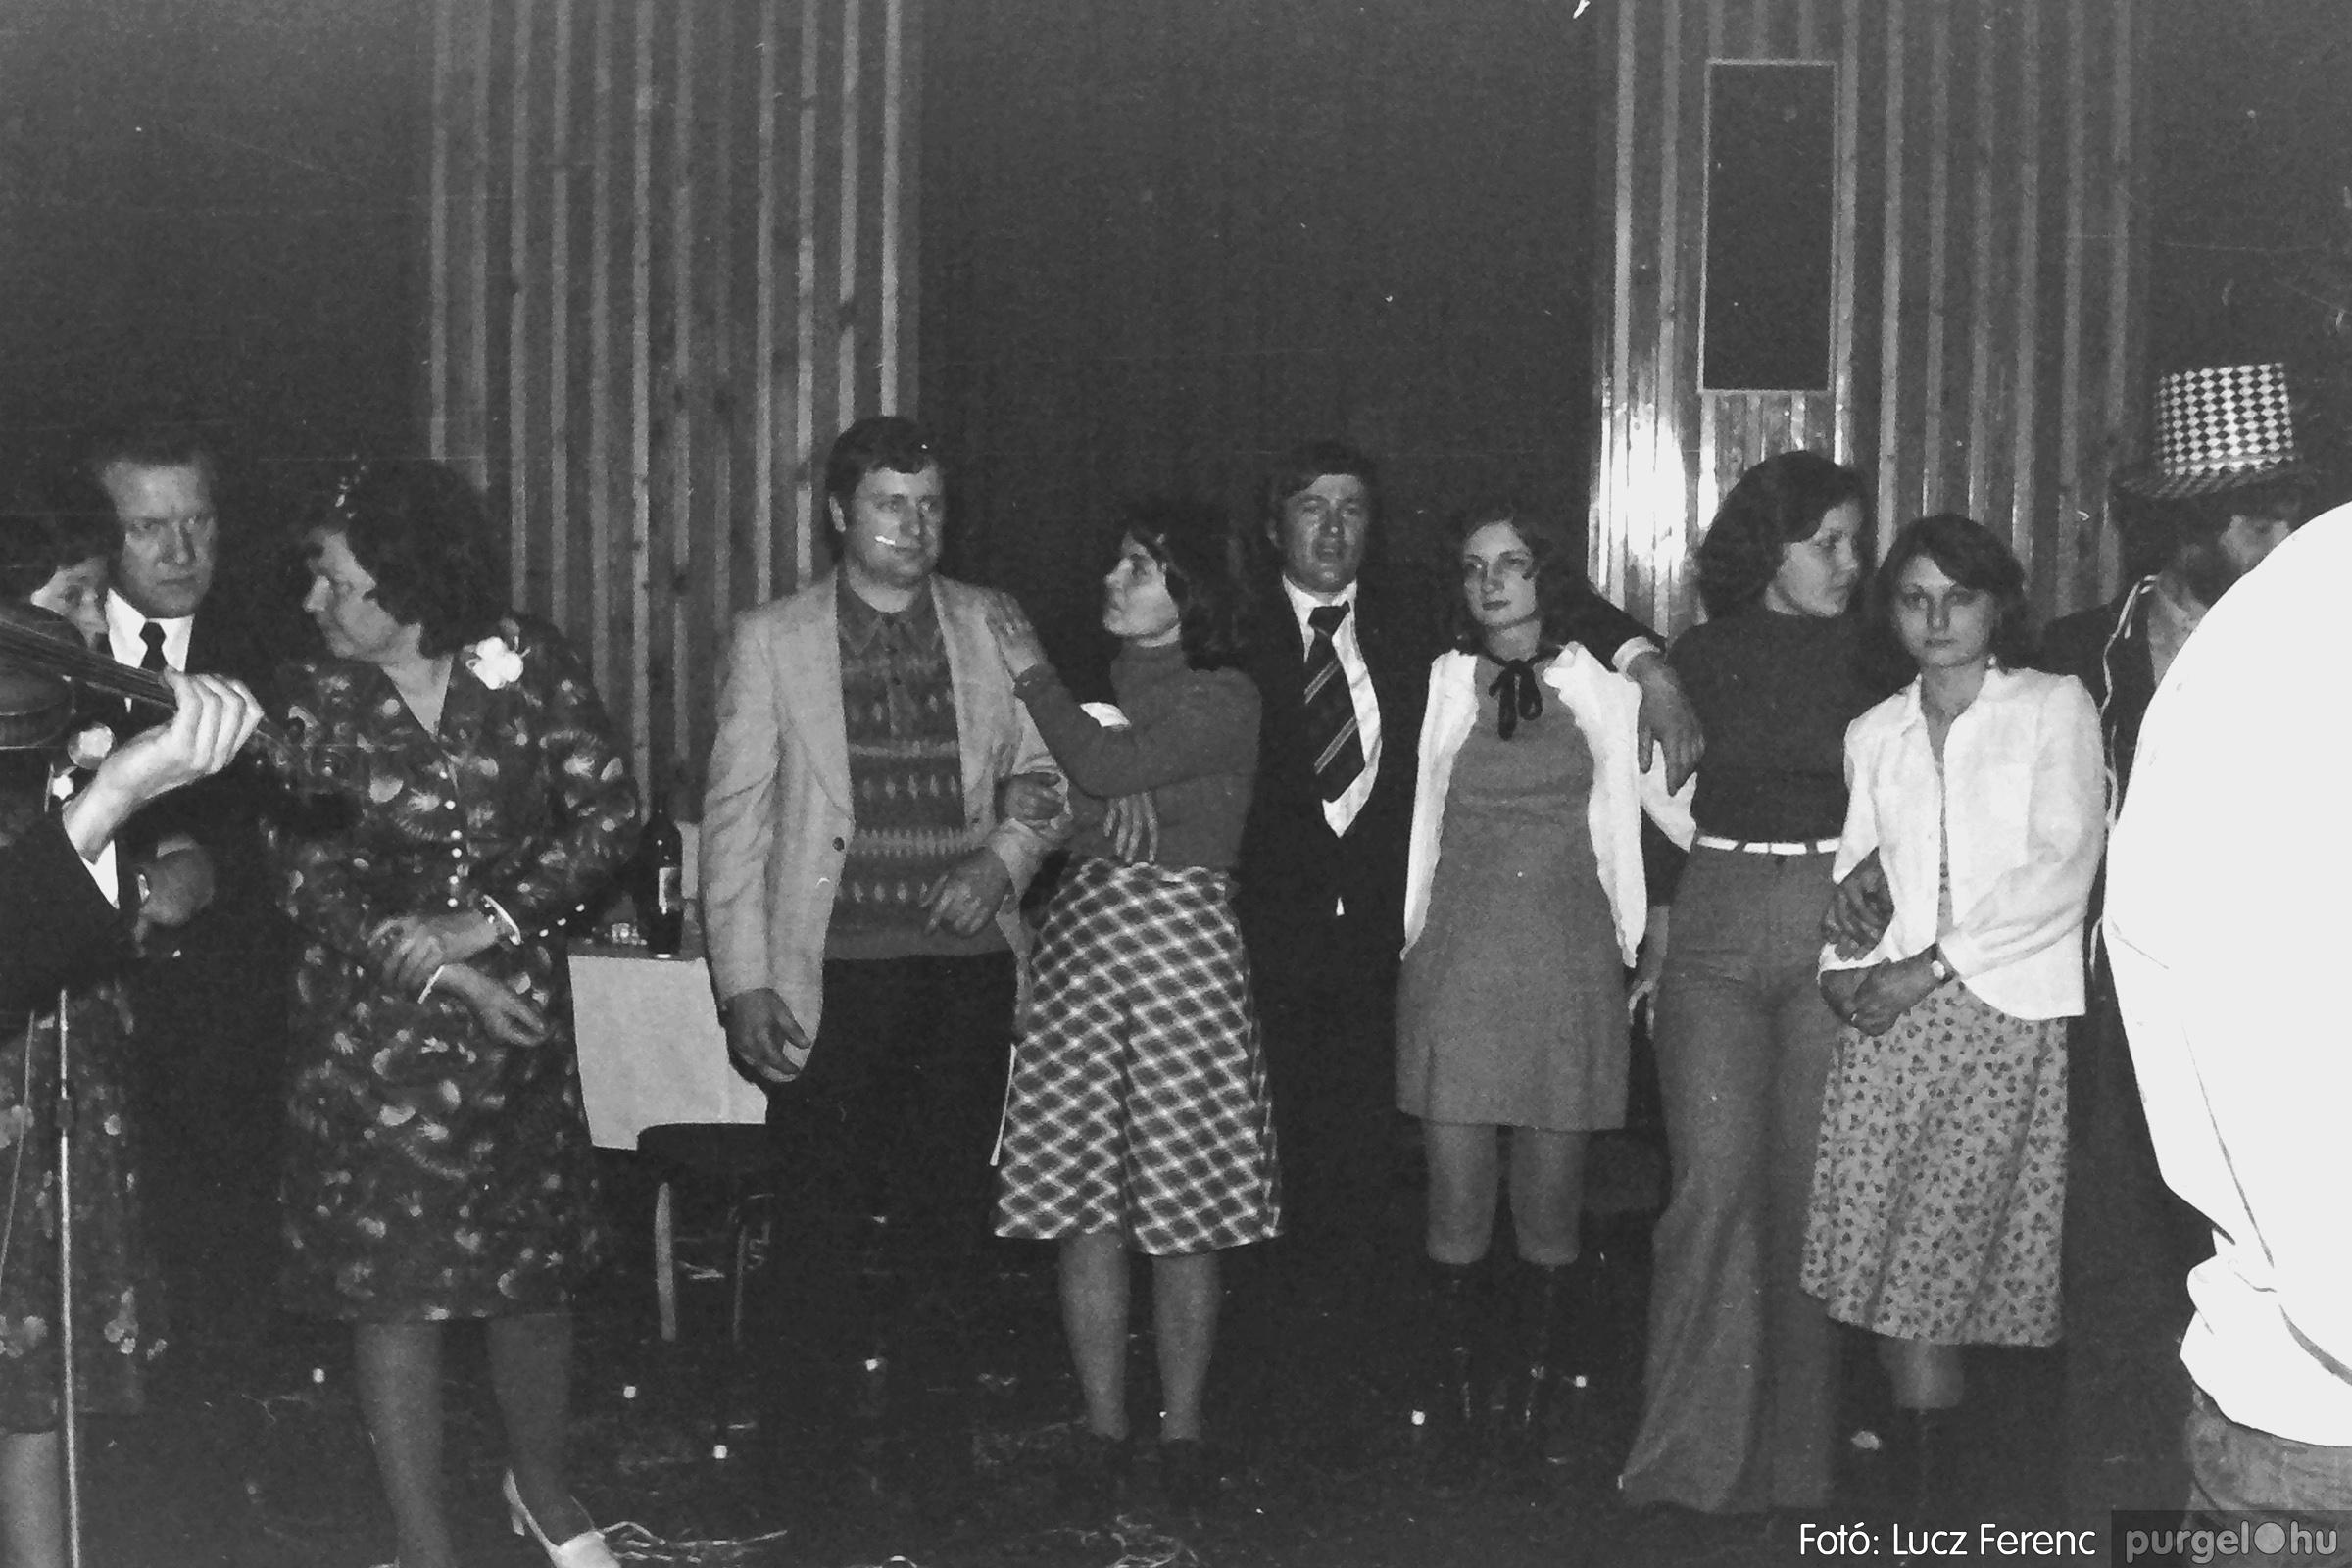 070. 1976.12.31. Szilveszter a kultúrházban 009. - Fotó: Lucz Ferenc.jpg